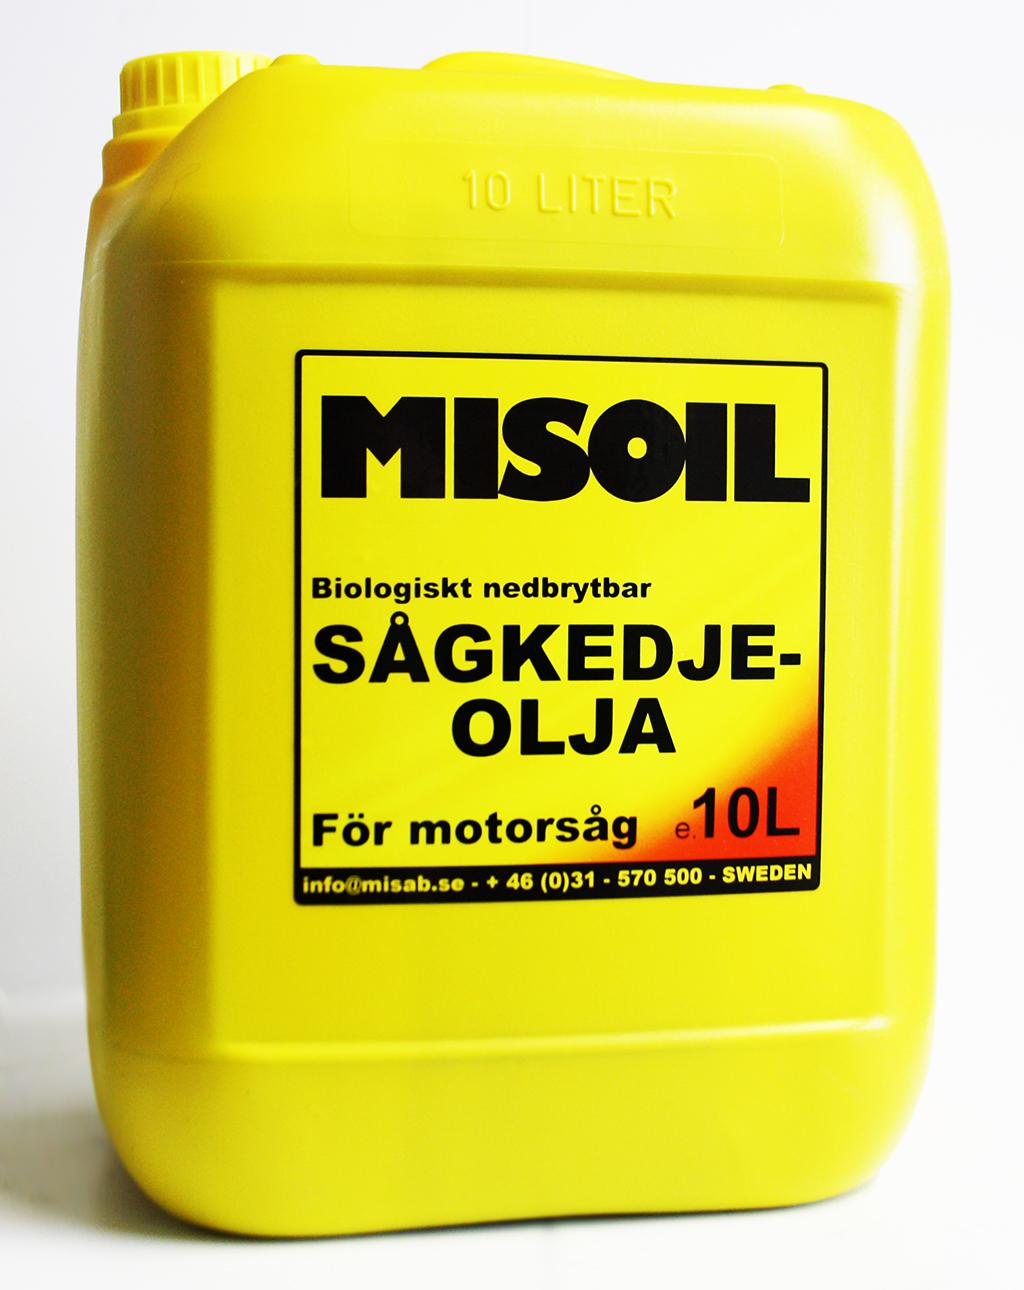 MISOIL SÅGKEDJEOLJA BIO 10L